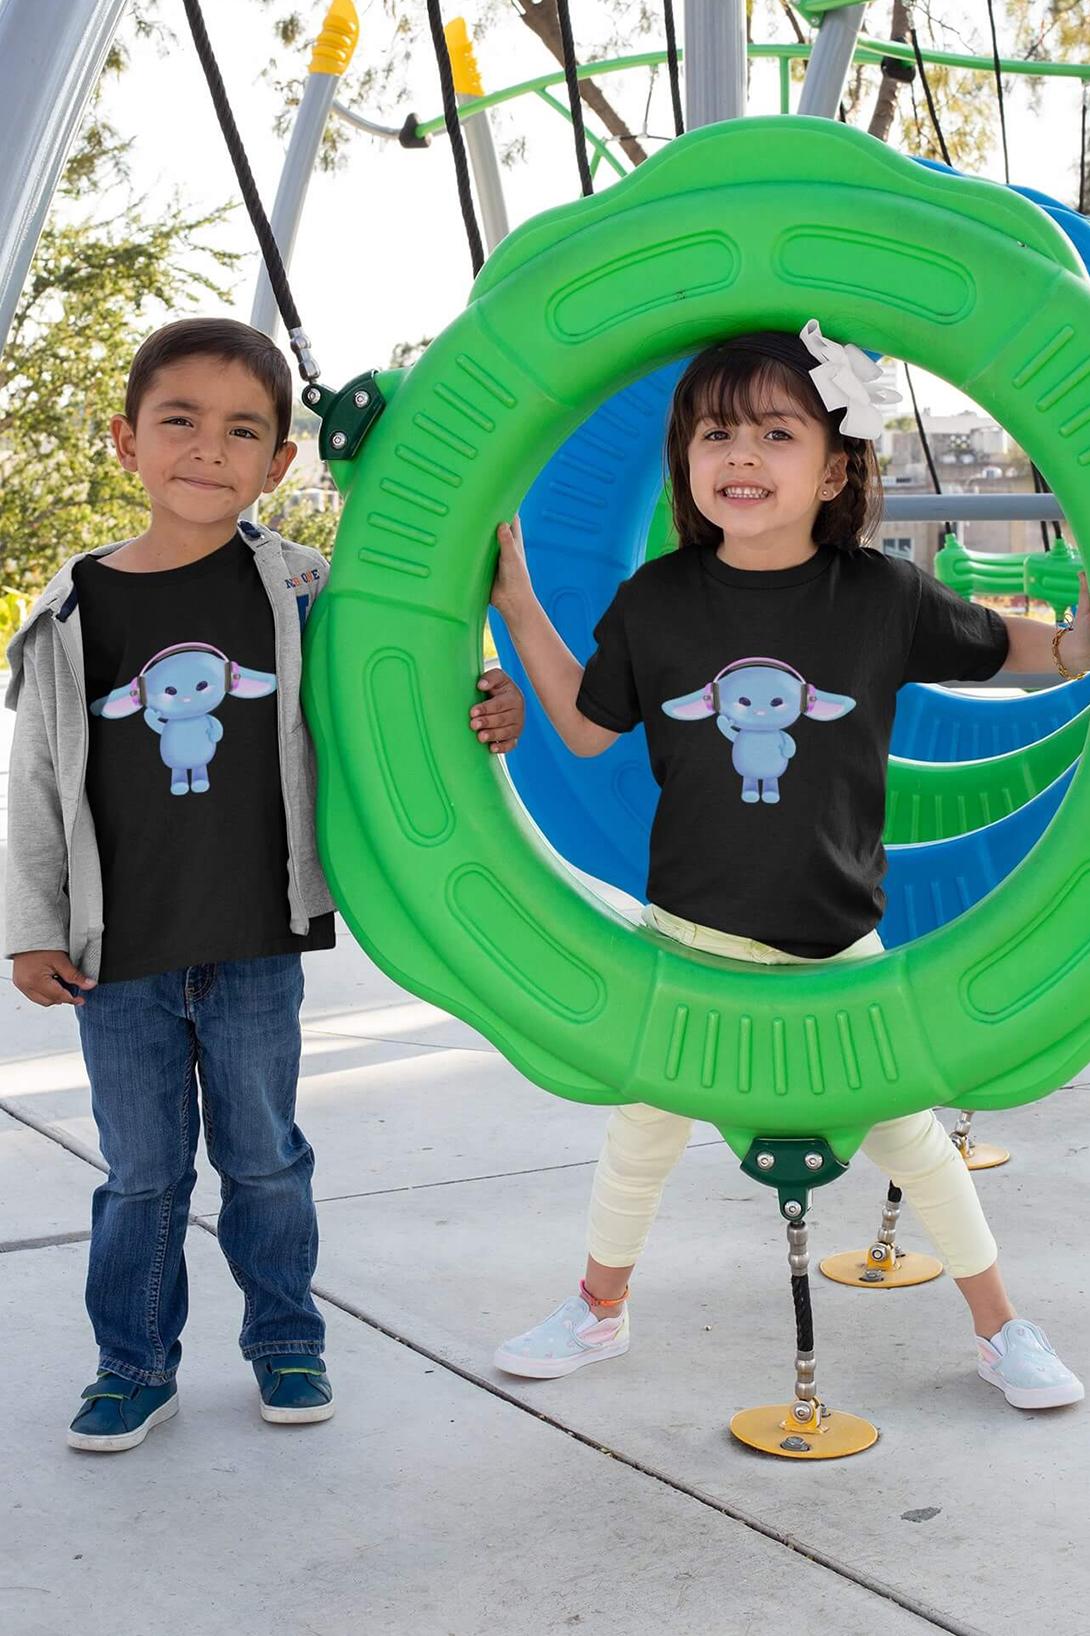 MMO Detské tričko Zajac so slúchadlami Vyberte farbu:: Čierna, Detská veľkosť: 146/10 rokov